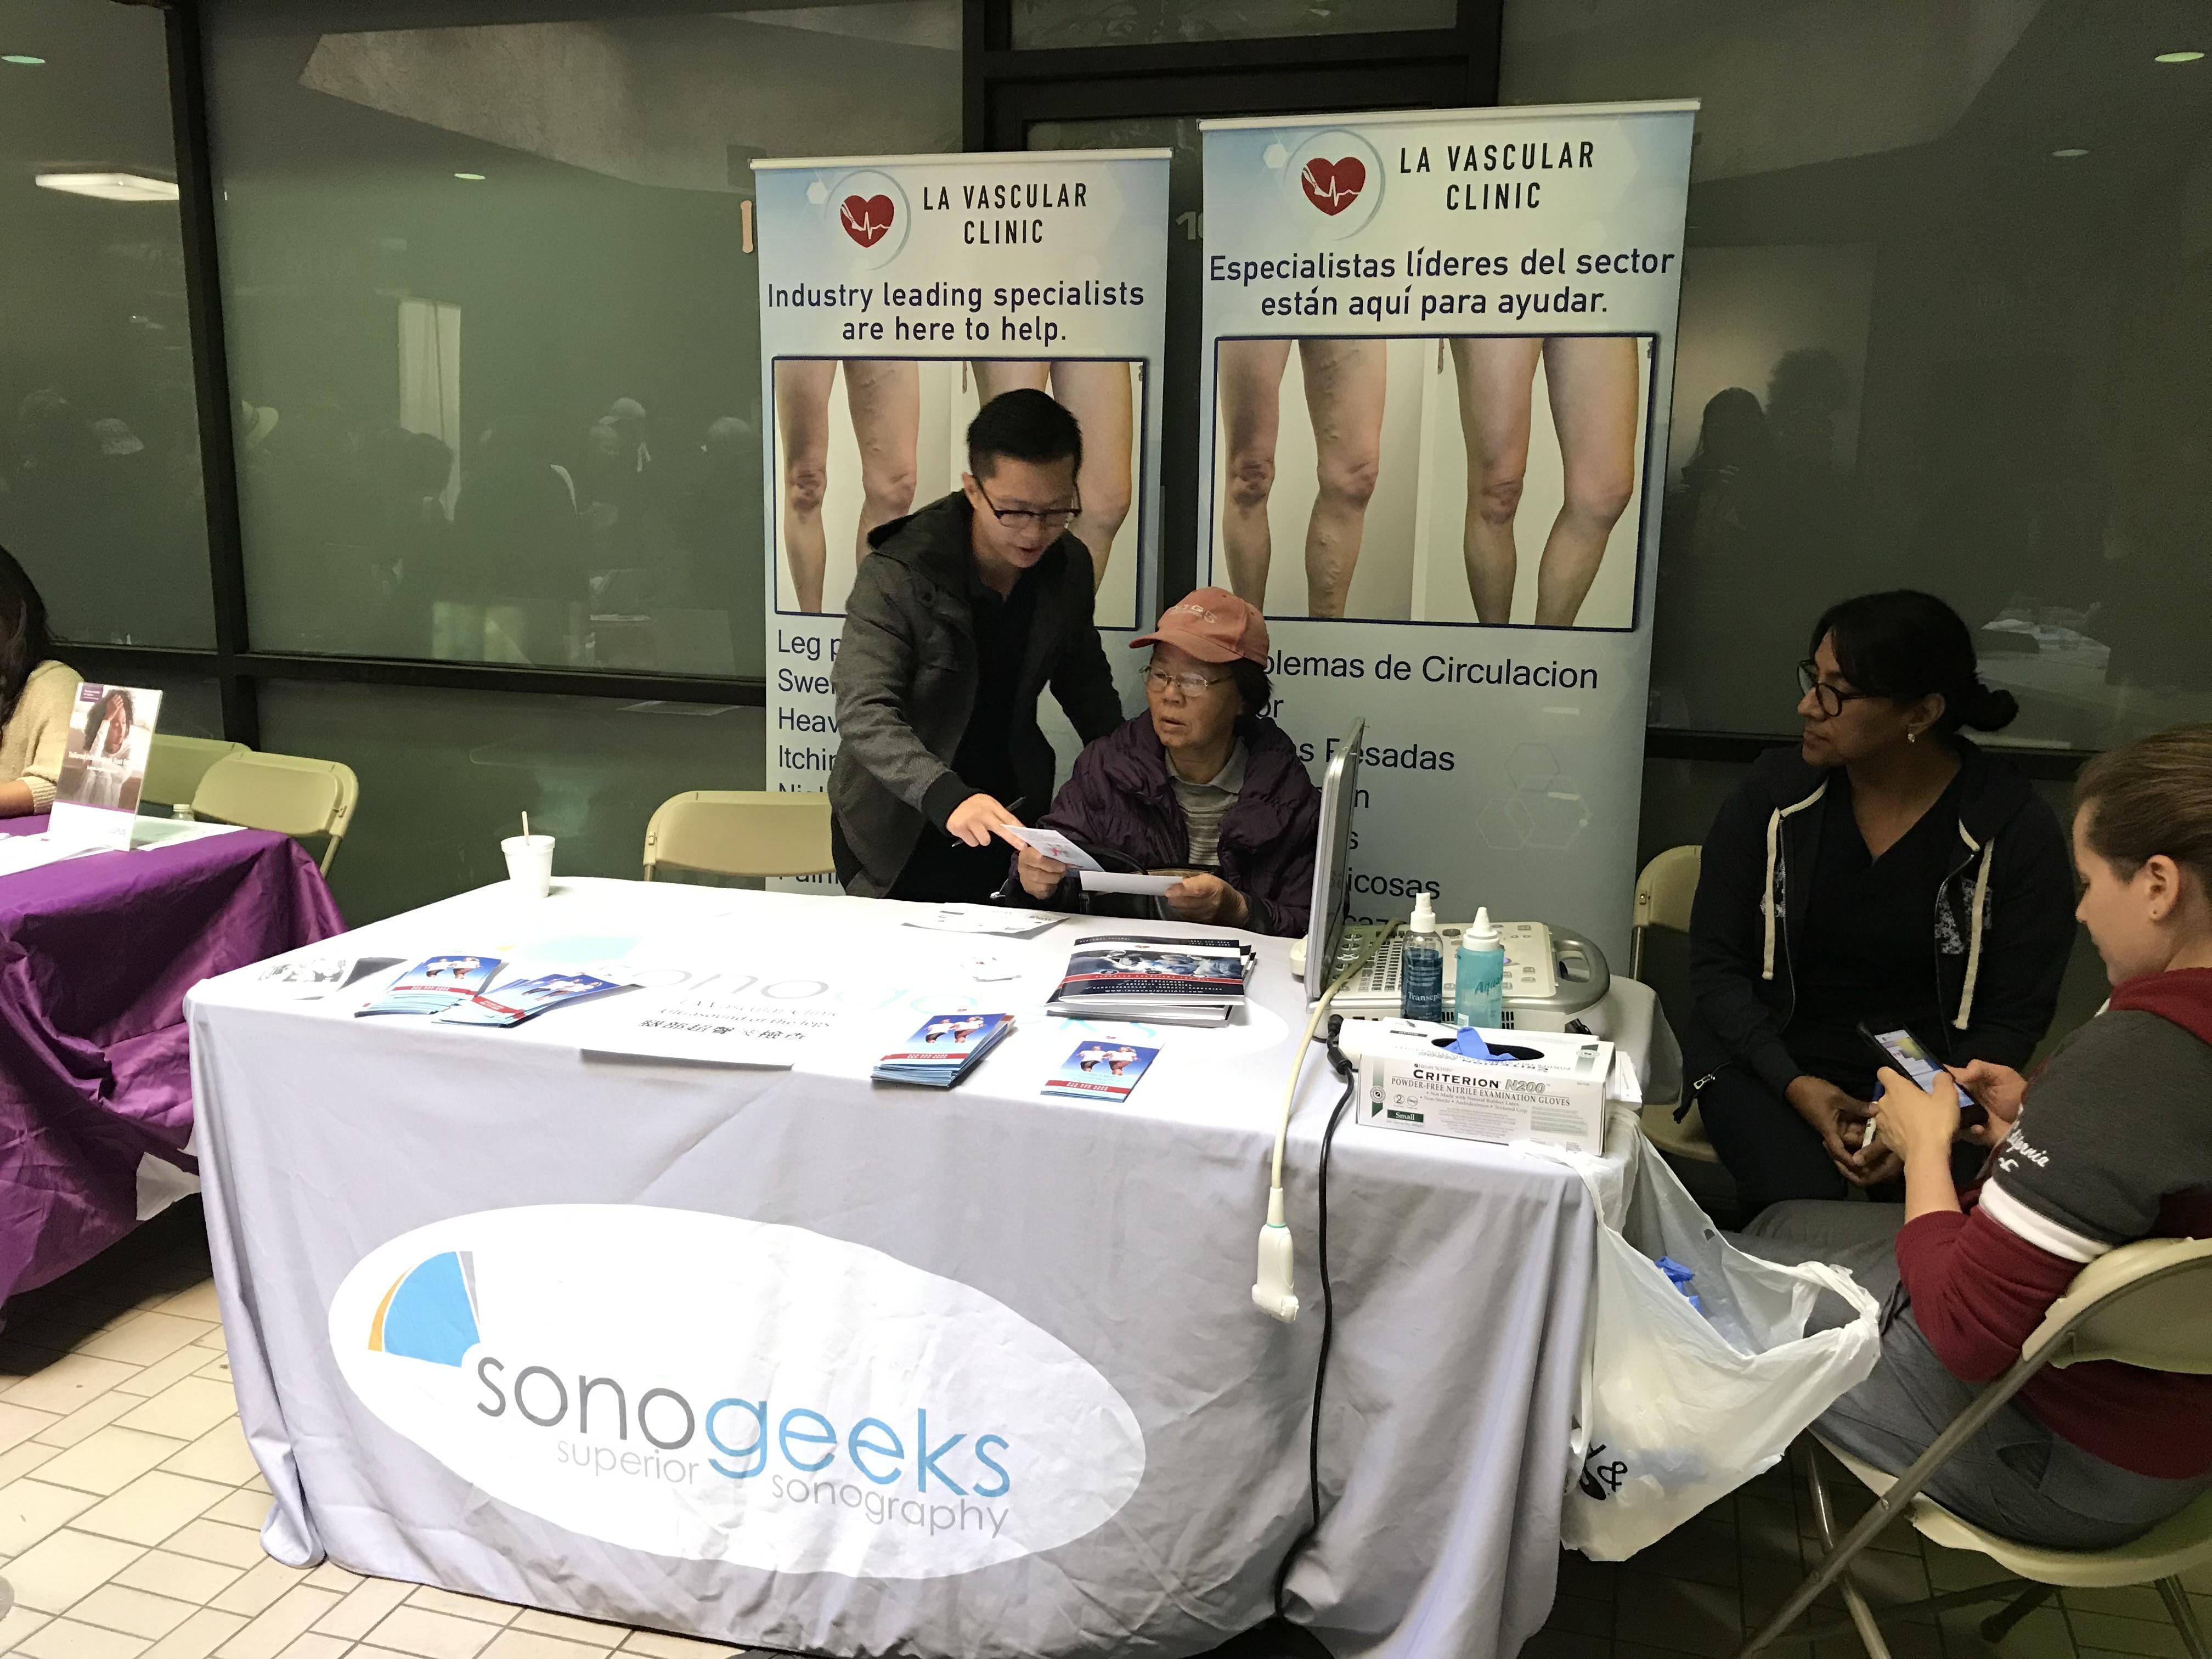 健康保健博覽會為民眾免費提供資訊、基本醫療檢查服務: 驗血、量血壓,更有各種社會服務諮詢。期間還有免費抽獎活動,獎品豐富包括感恩節火雞。主辦方提供